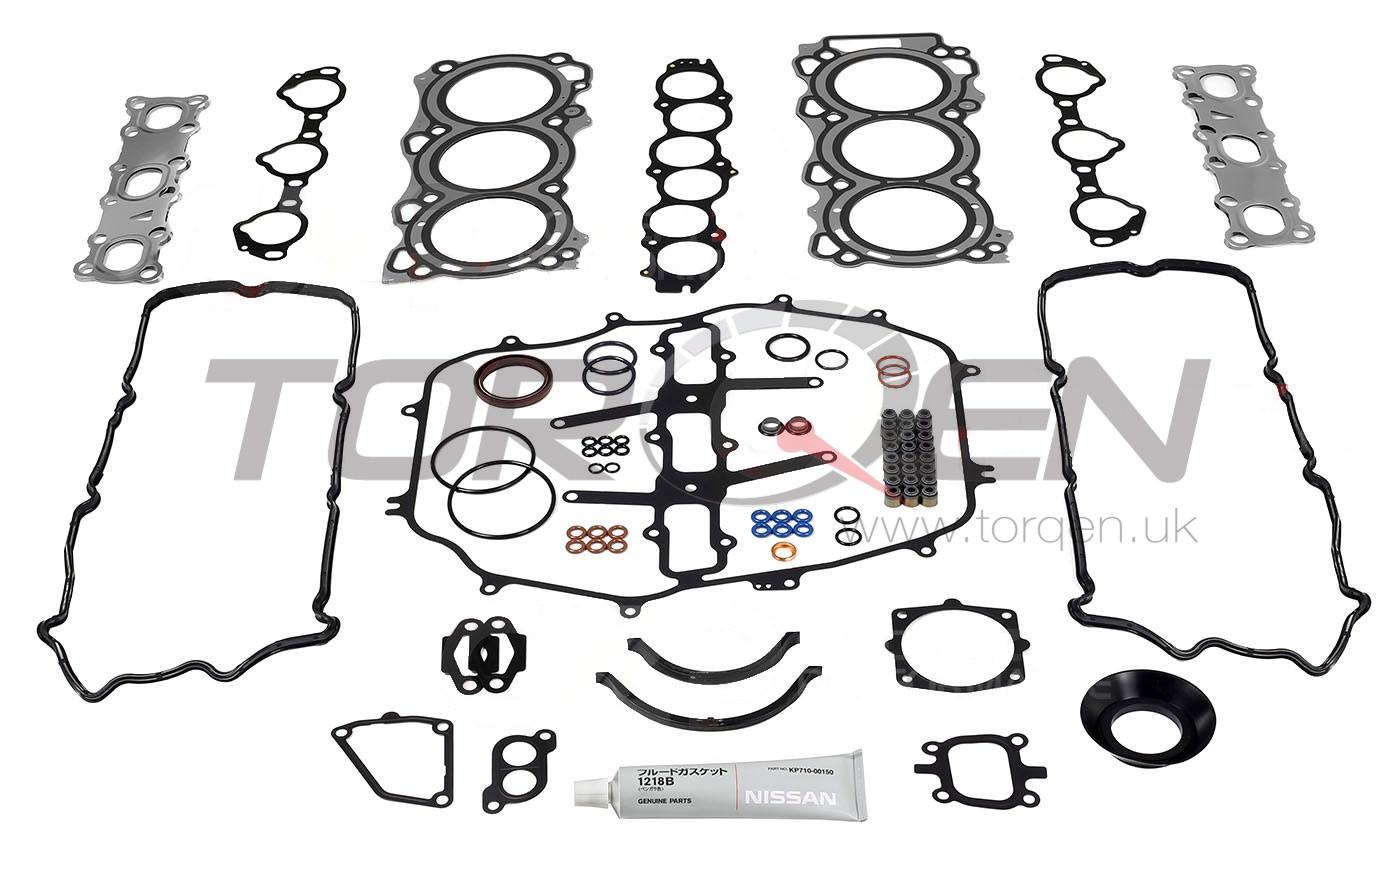 350z De Nissan Oem Engine Gasket Kit 05 06